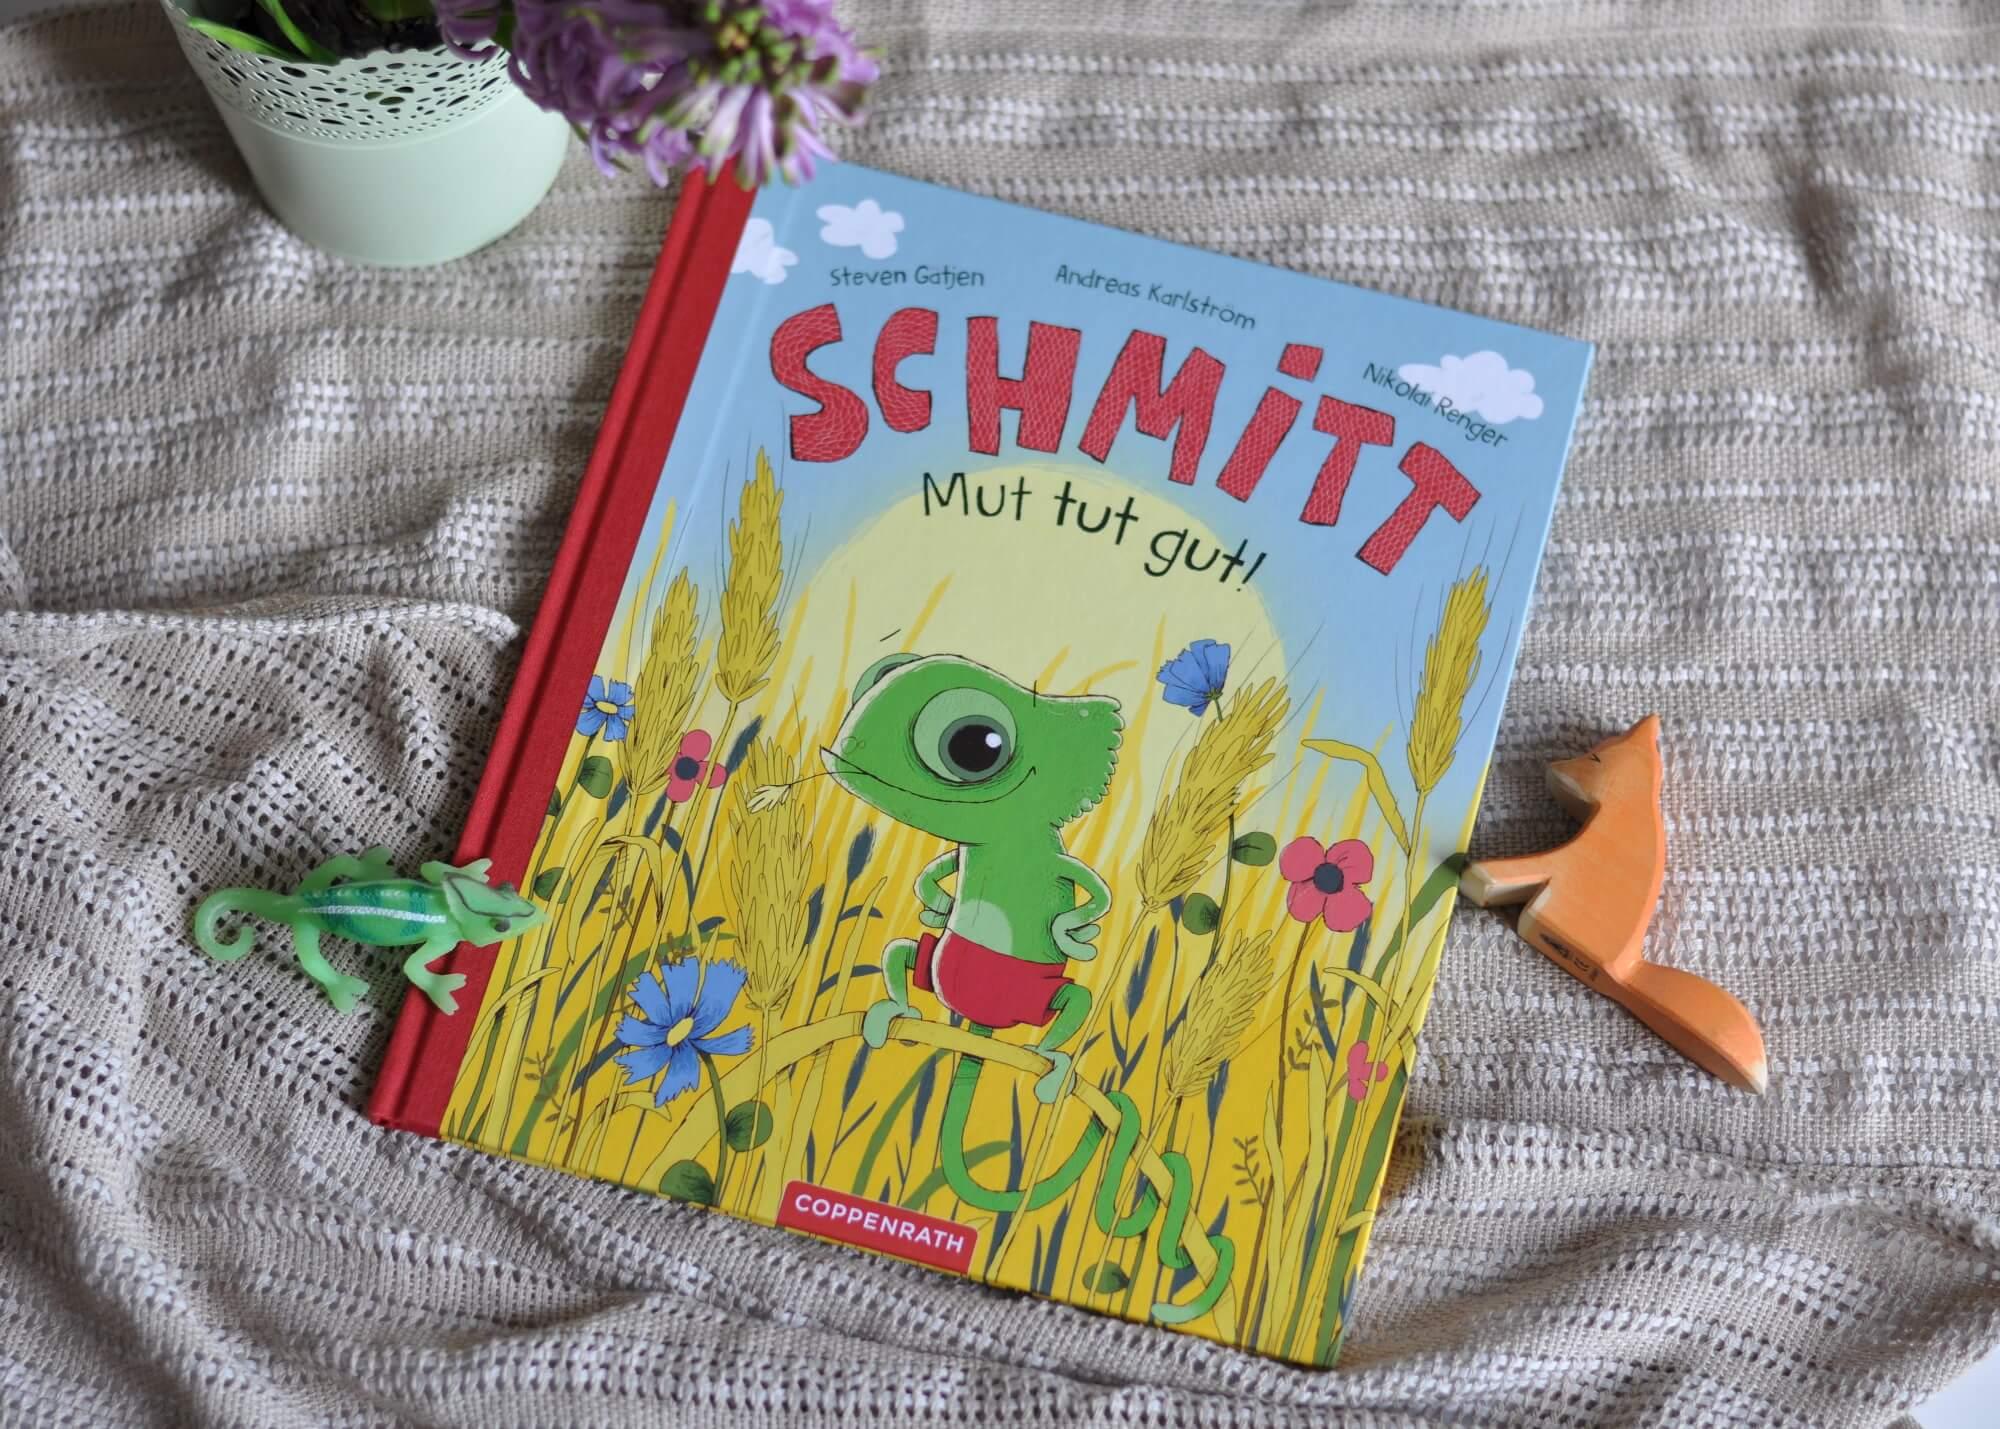 Schmitt nimmt vieles viel zu wörtlich und tappt so von einem Fettnäpfchen ins nächste. Richtig blöd läuft die Sache mit der Füchsin im Hühnerstall. Oh weia, dabei wollte Schmitt doch eigentlich nur helfen. Und plötzlich ist ein Huhn in großer Gefahr. #chamäleon #fuchs #lesen #bilderbuch #kinder #mut #selbstvertrauen #rettung